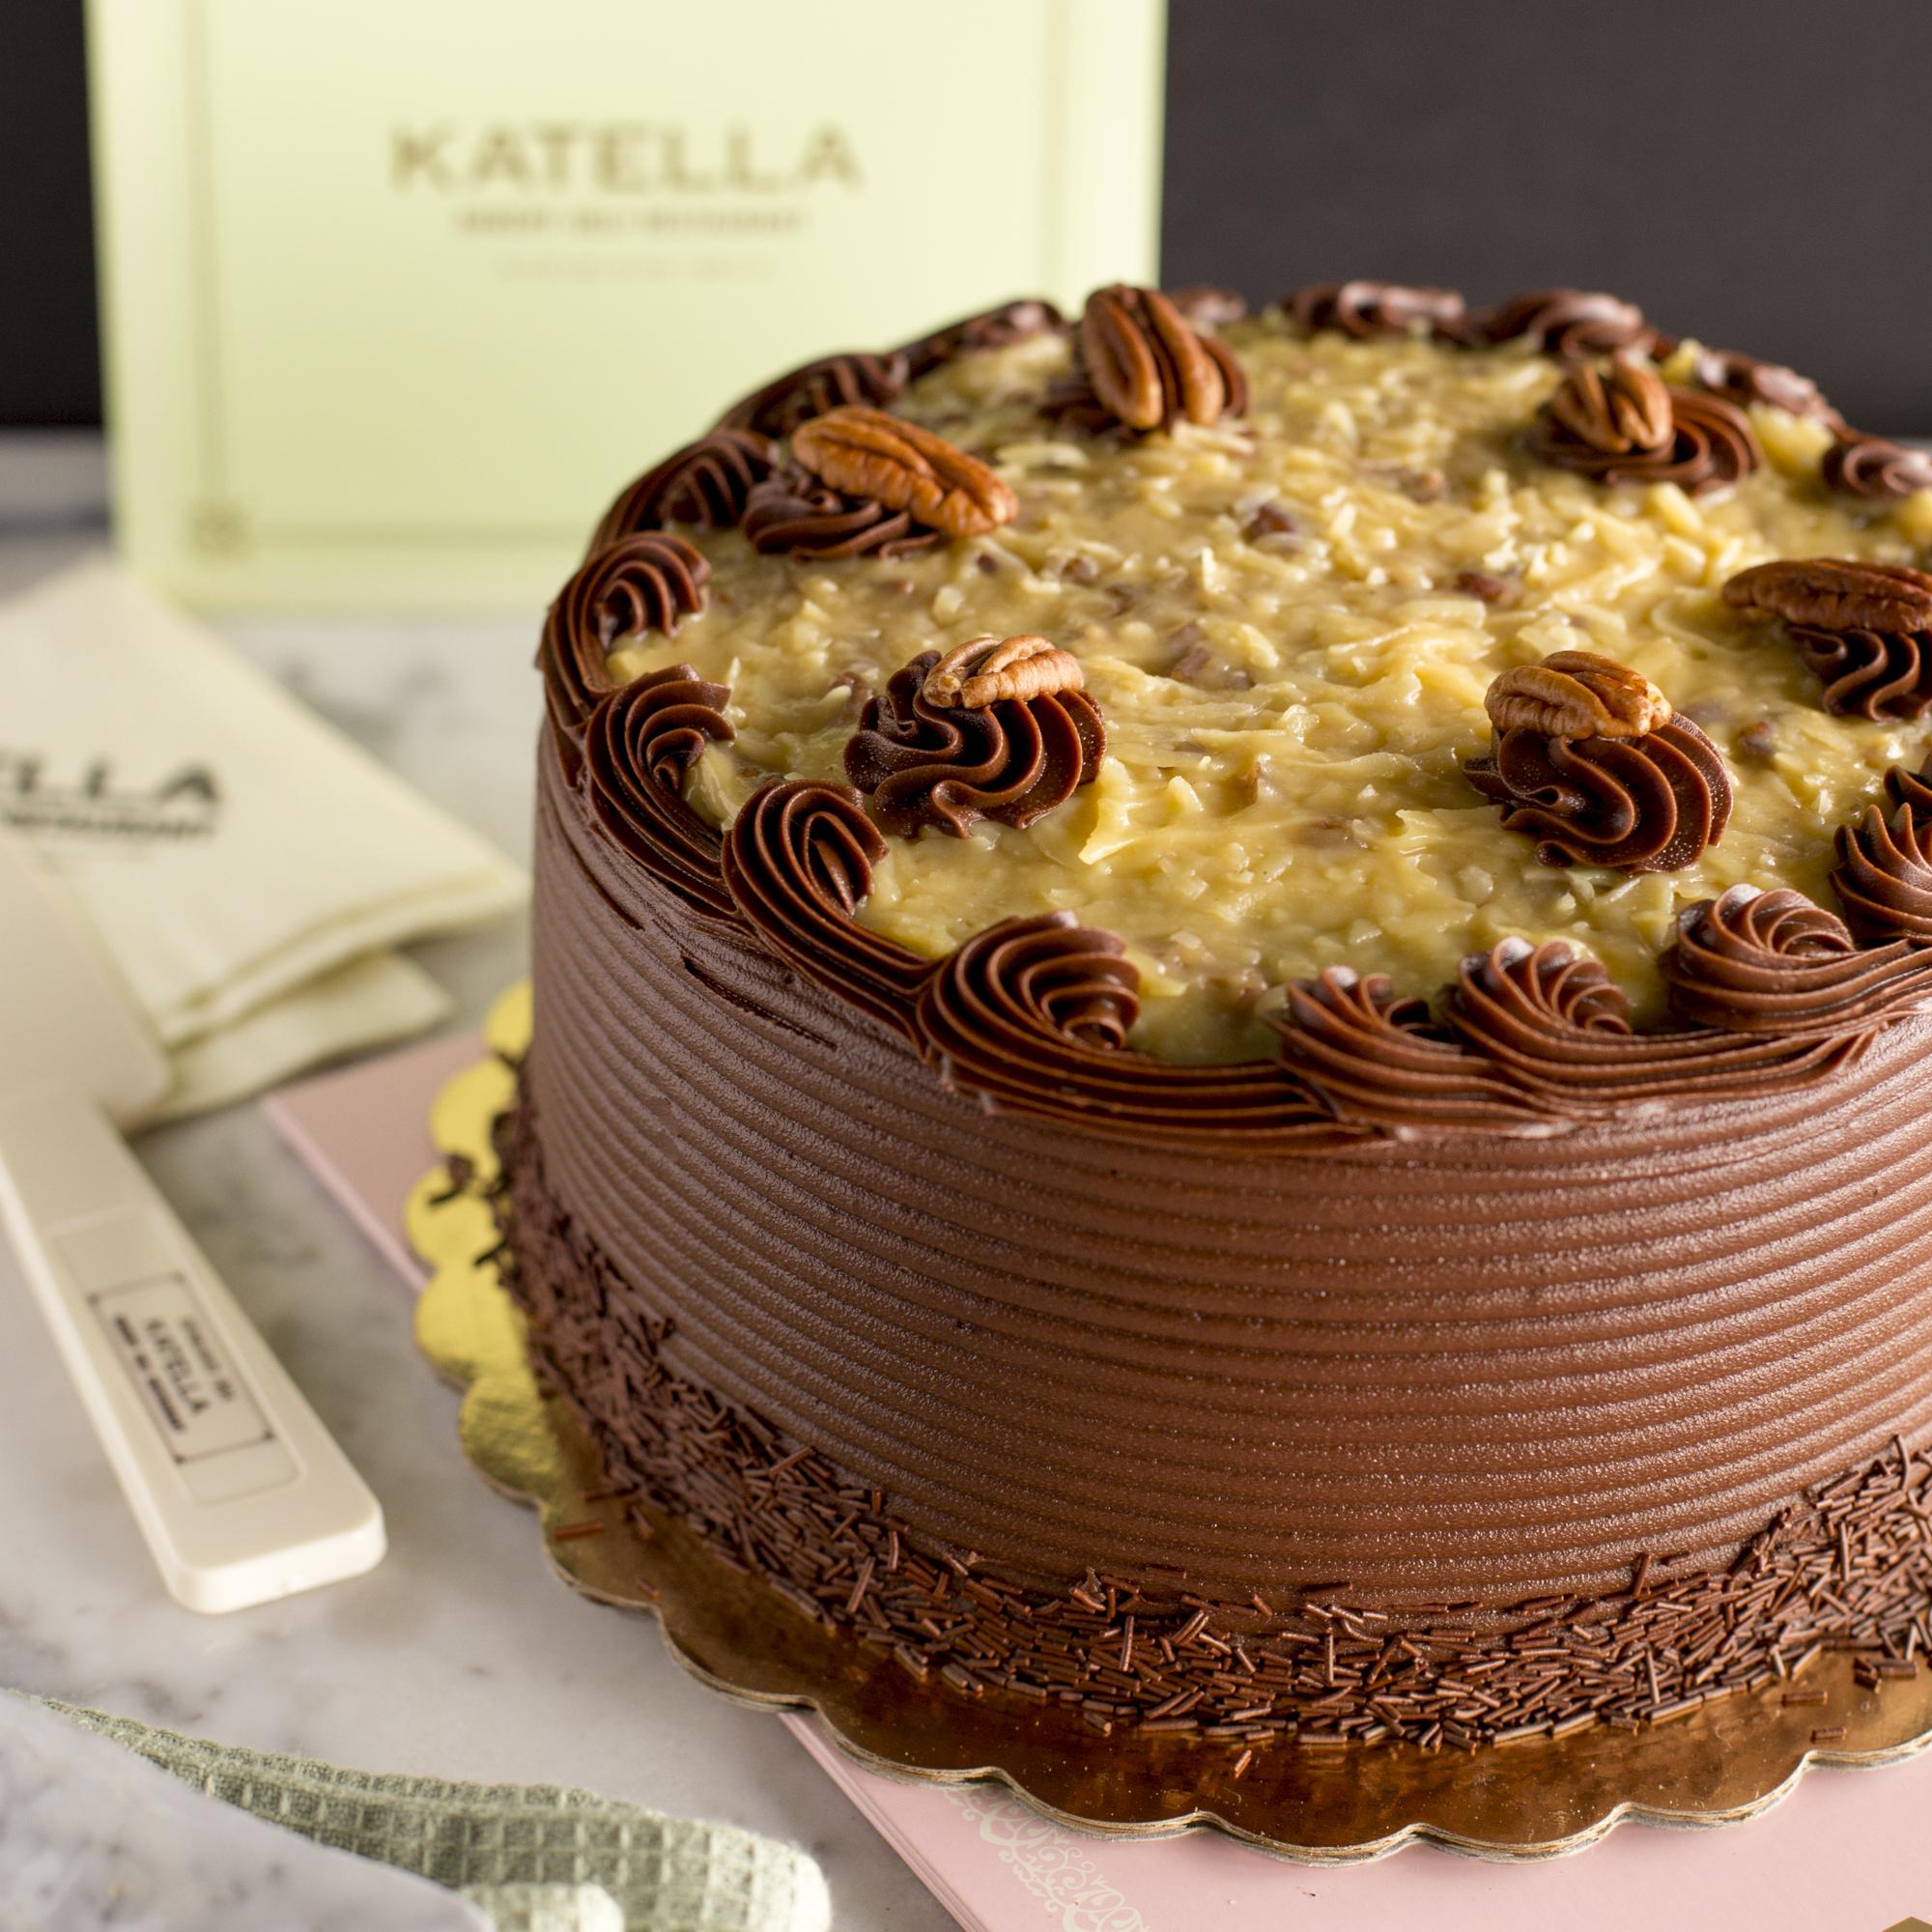 Katella Bakery German chocolate cake